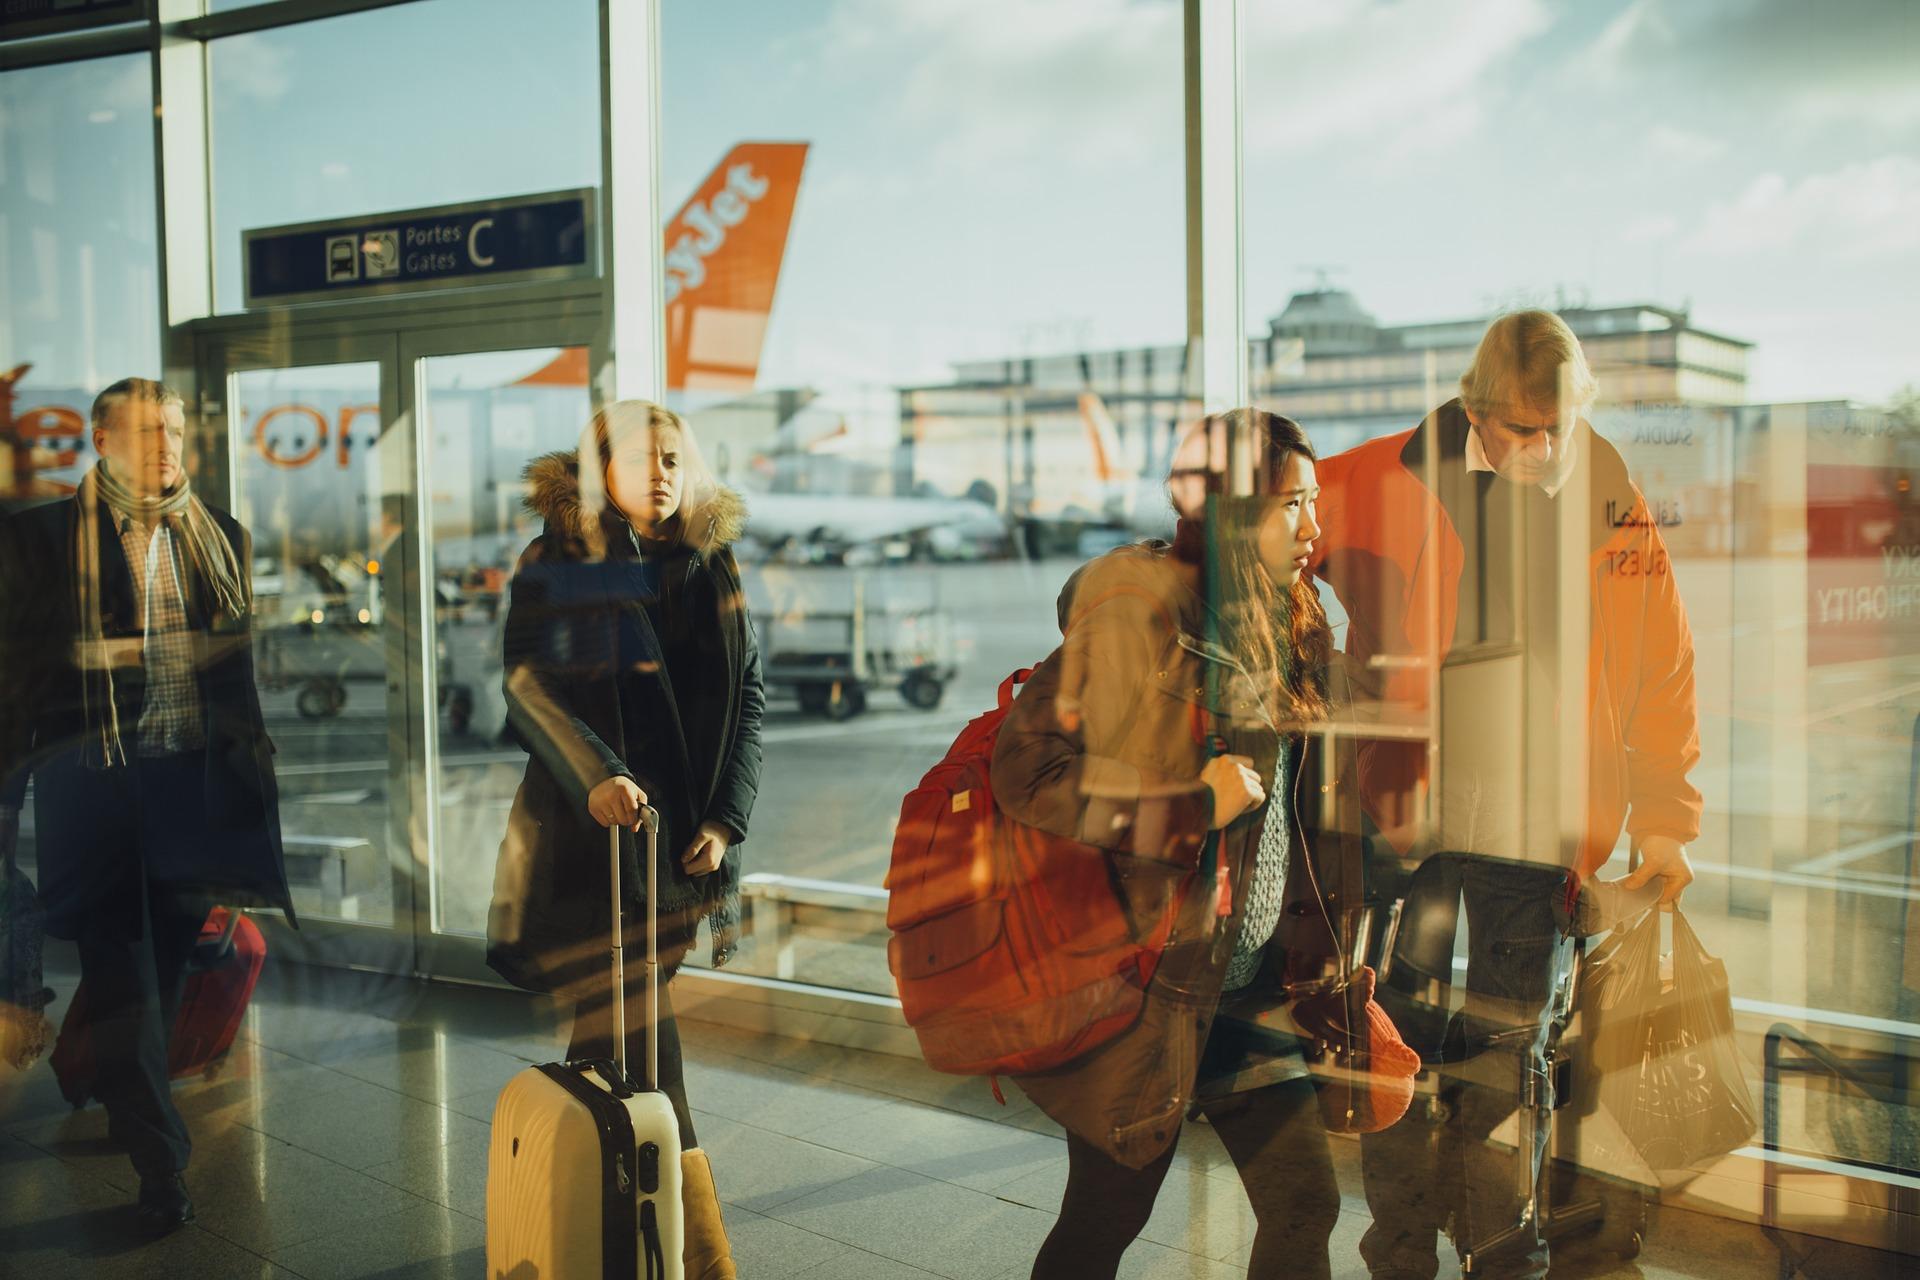 Foto Come lavorare nel turismo senza avere esperienza